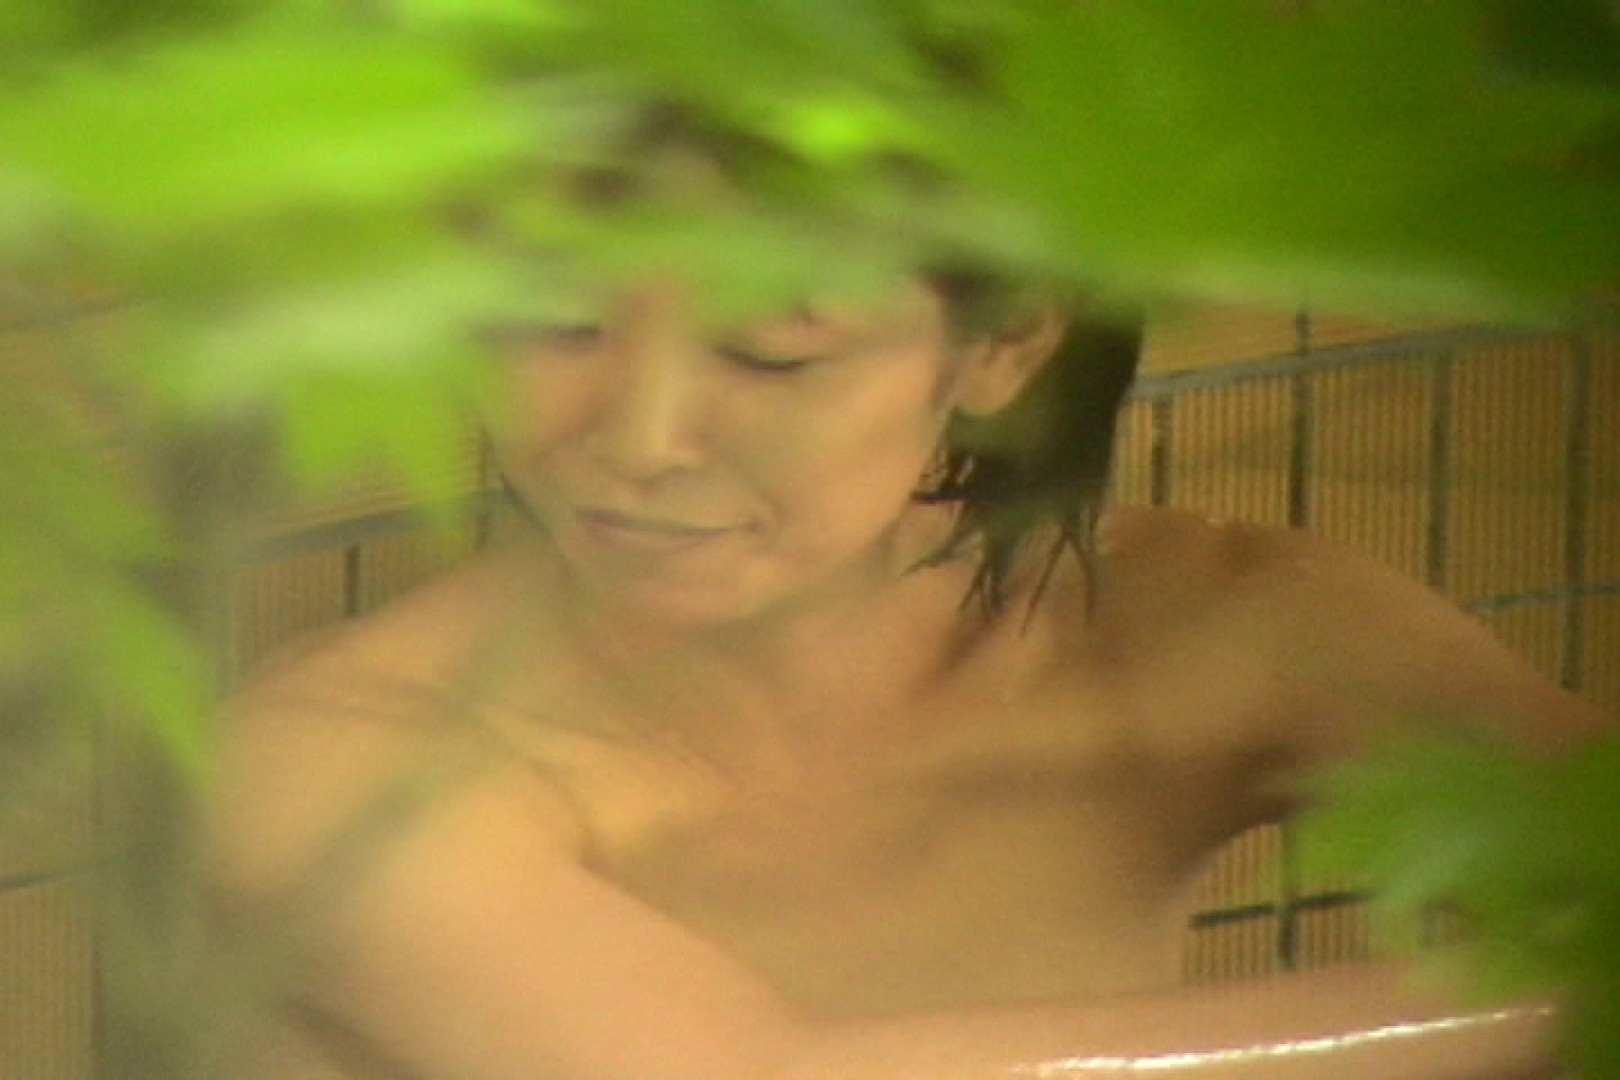 Aquaな露天風呂Vol.703